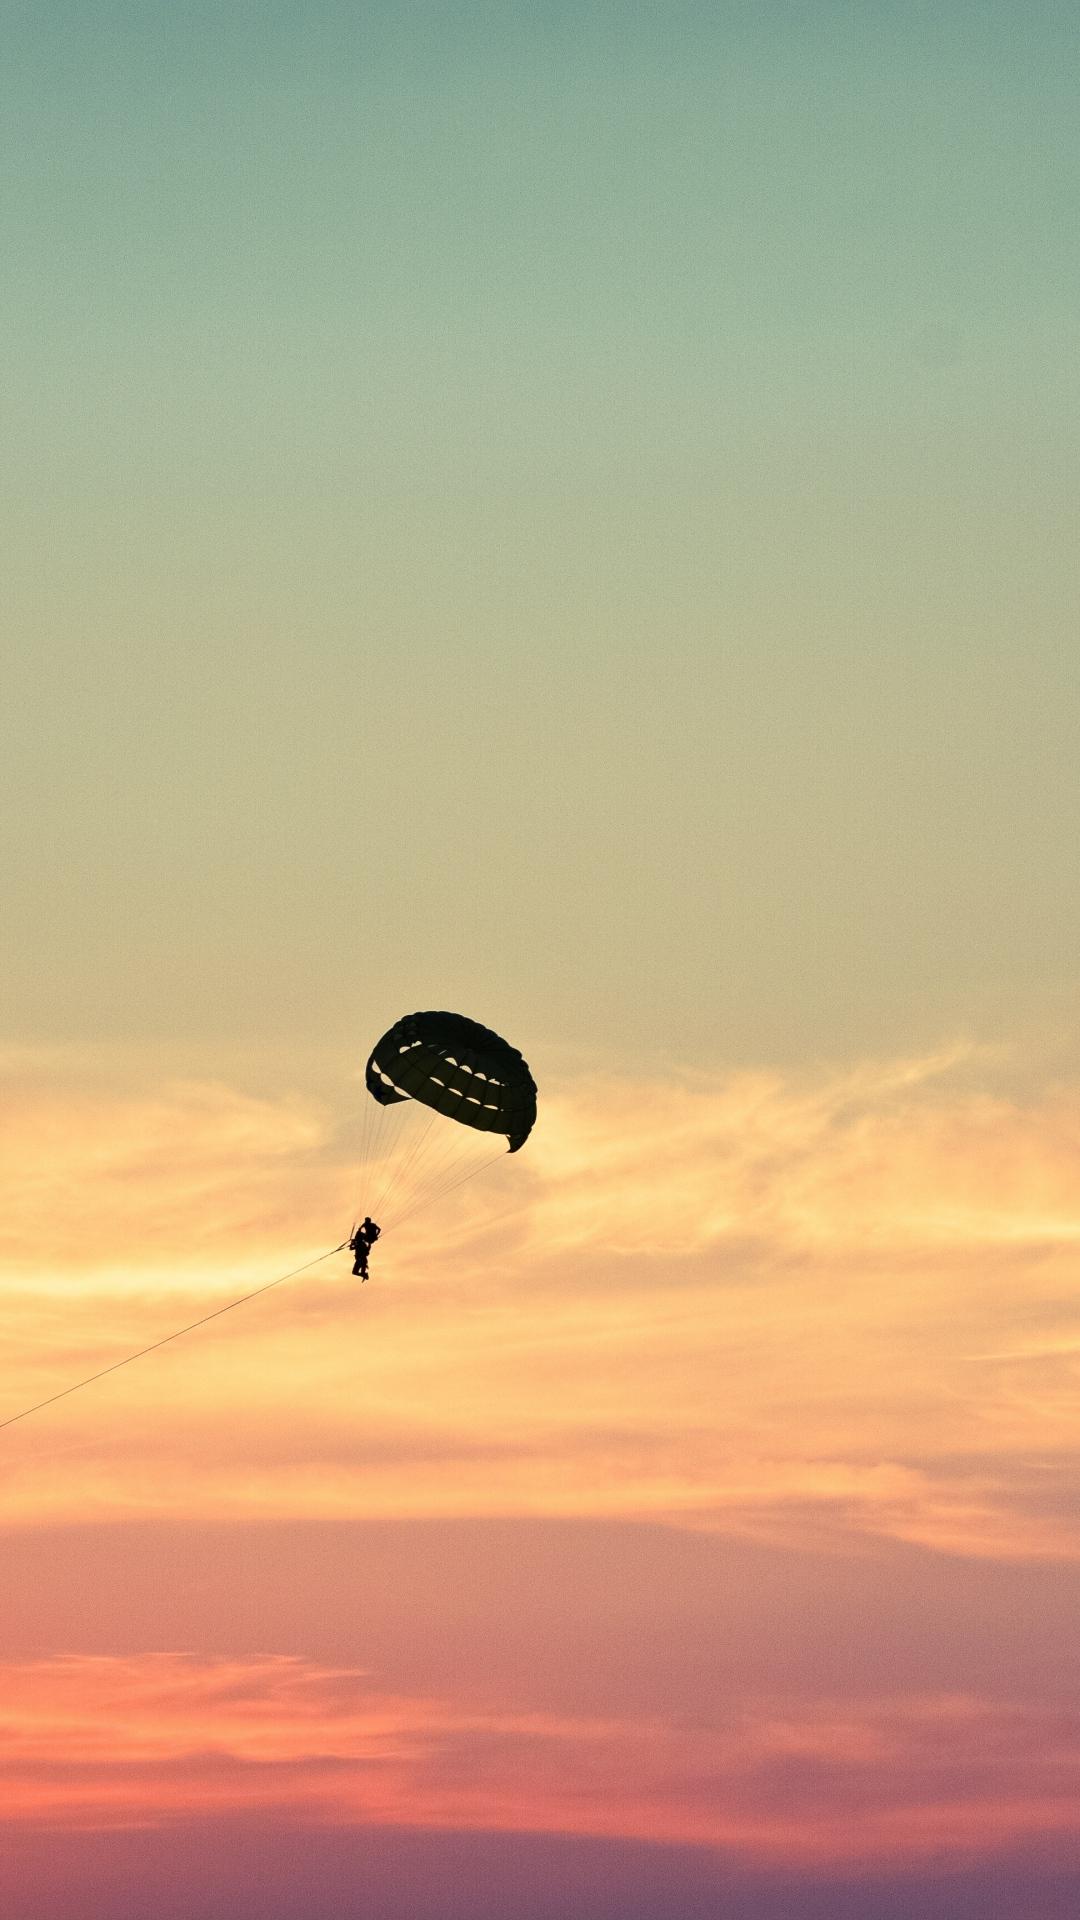 parasailing paragliding flying sky 110642 1080x1920 3Wallpapers : notre sélection de fonds d'écran du 18/09/2017